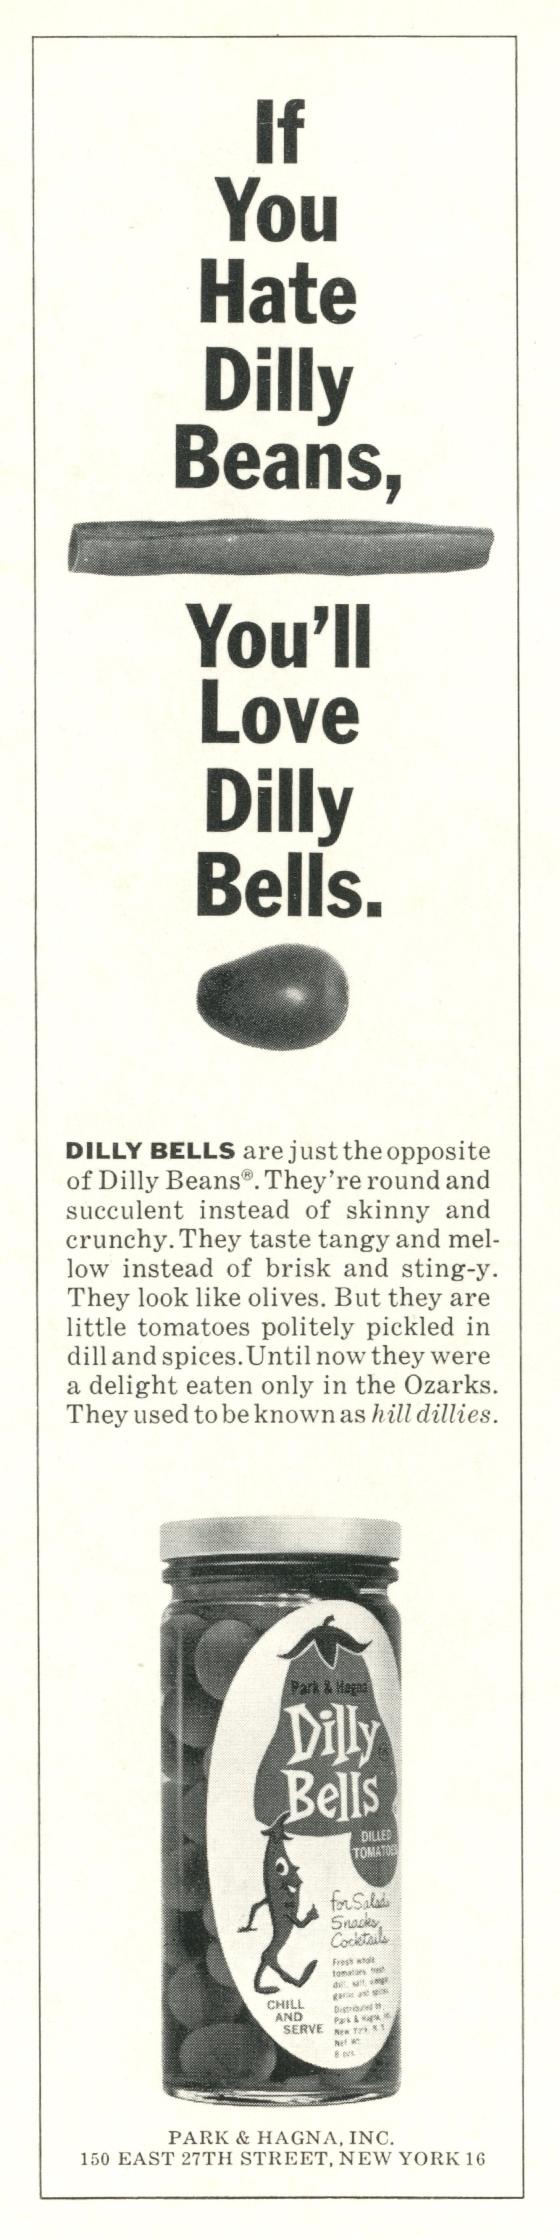 PKL2; Dilly Beans 'Bells'-01